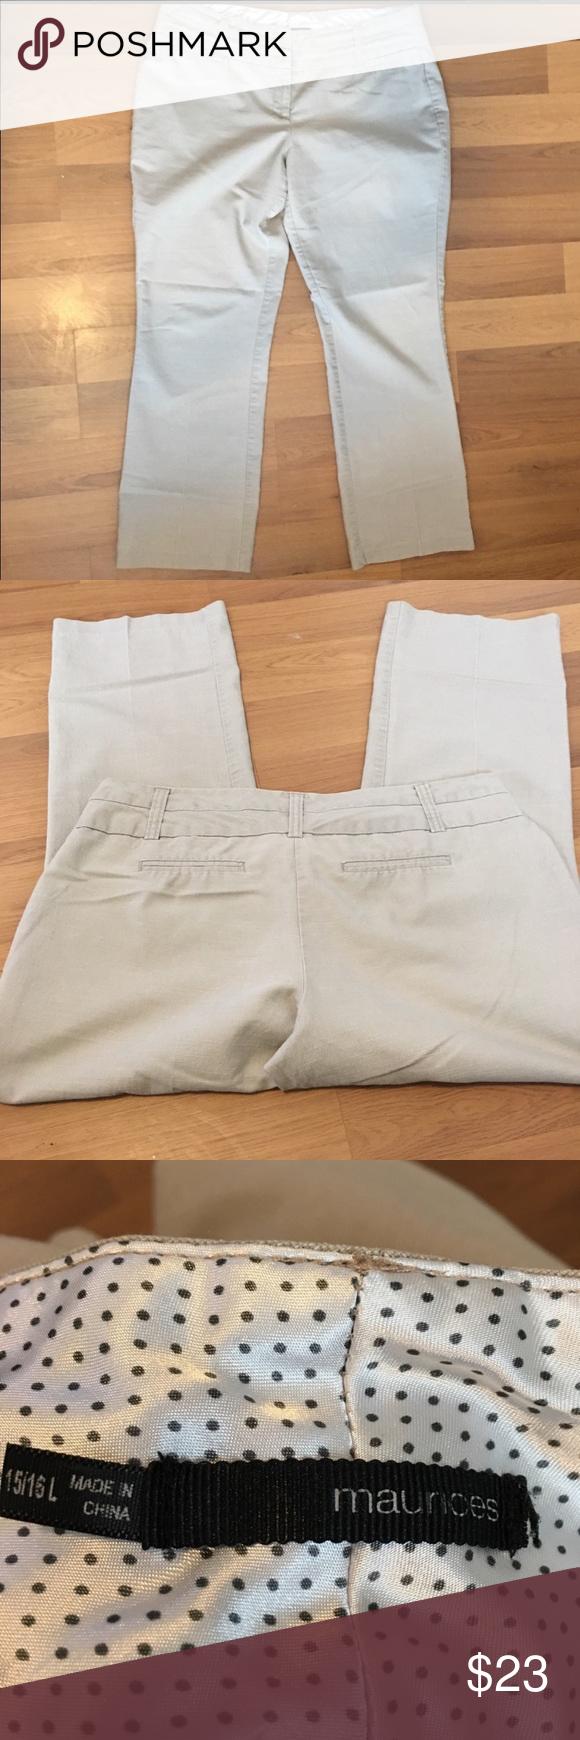 e6303c91 Maurice's khaki bootcut pants SZ 15/16L Maurice's EUC Tan khaki color Size  15/16 long Faux pockets Maurices Pants Boot Cut & Flare